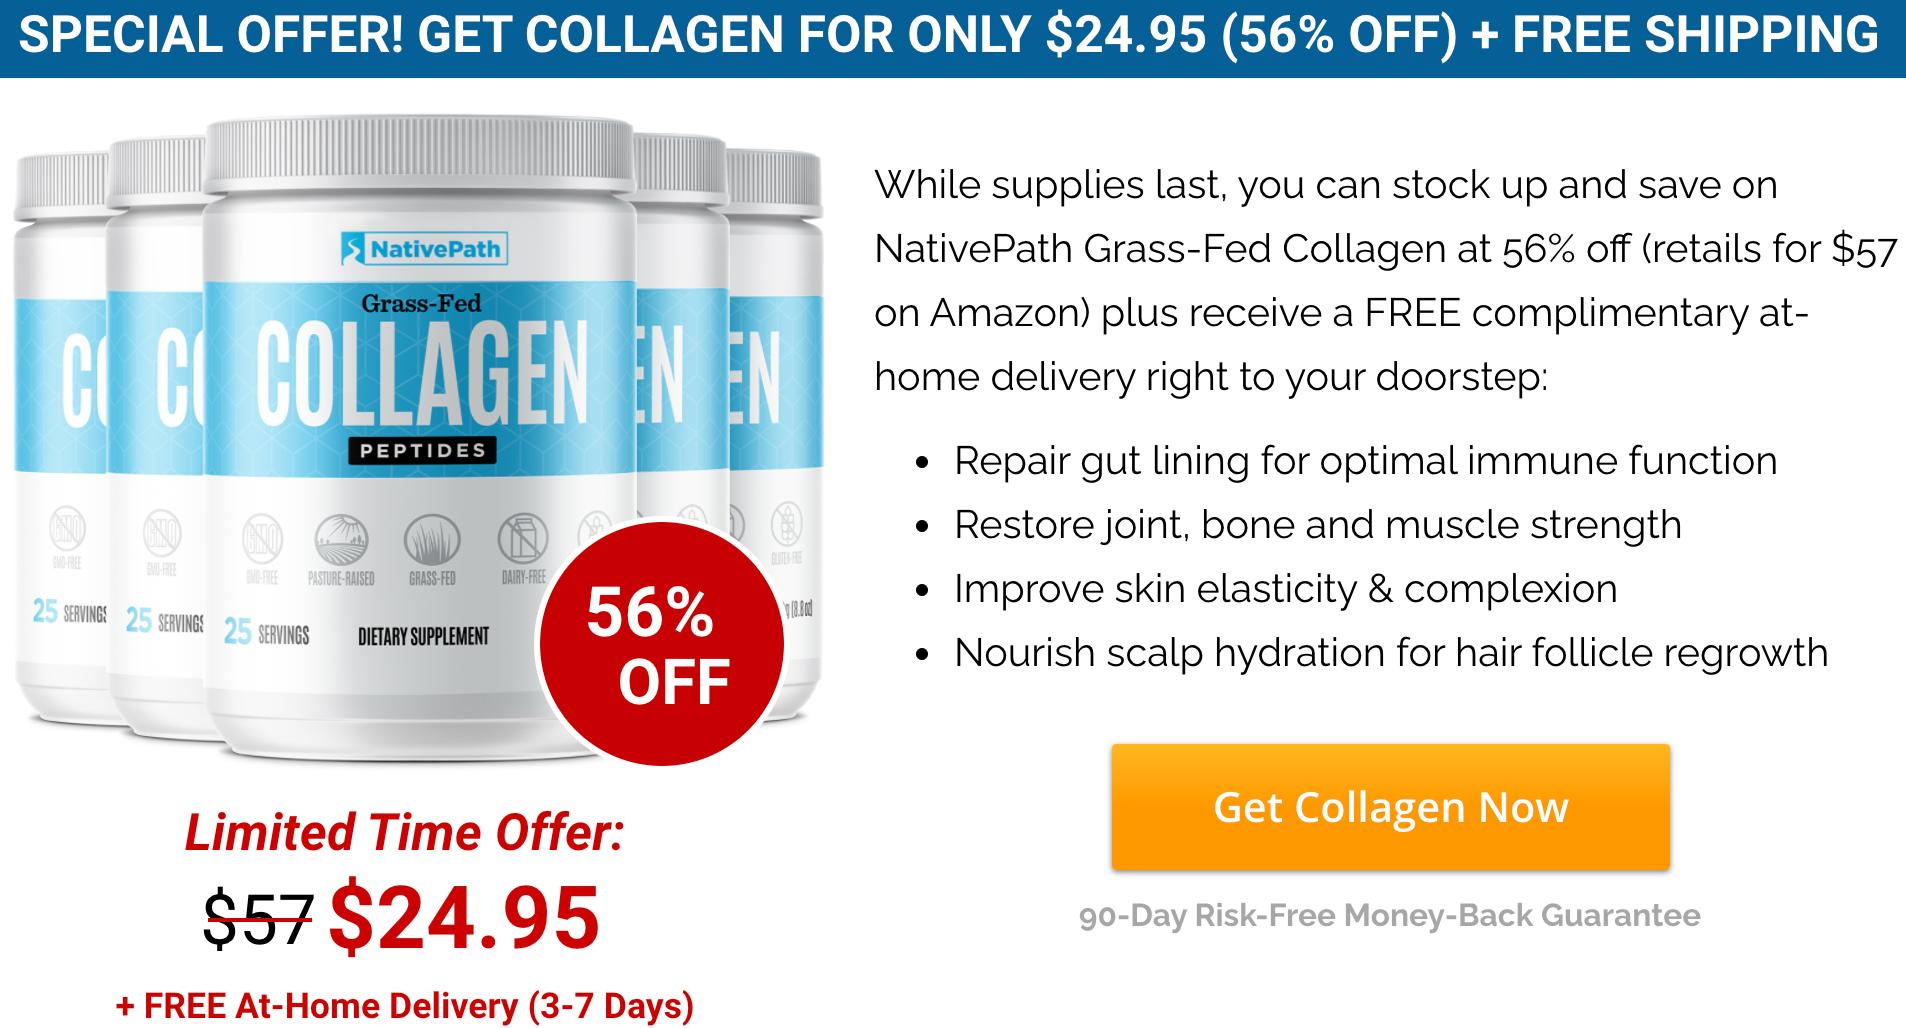 NativePath-Collagen-price